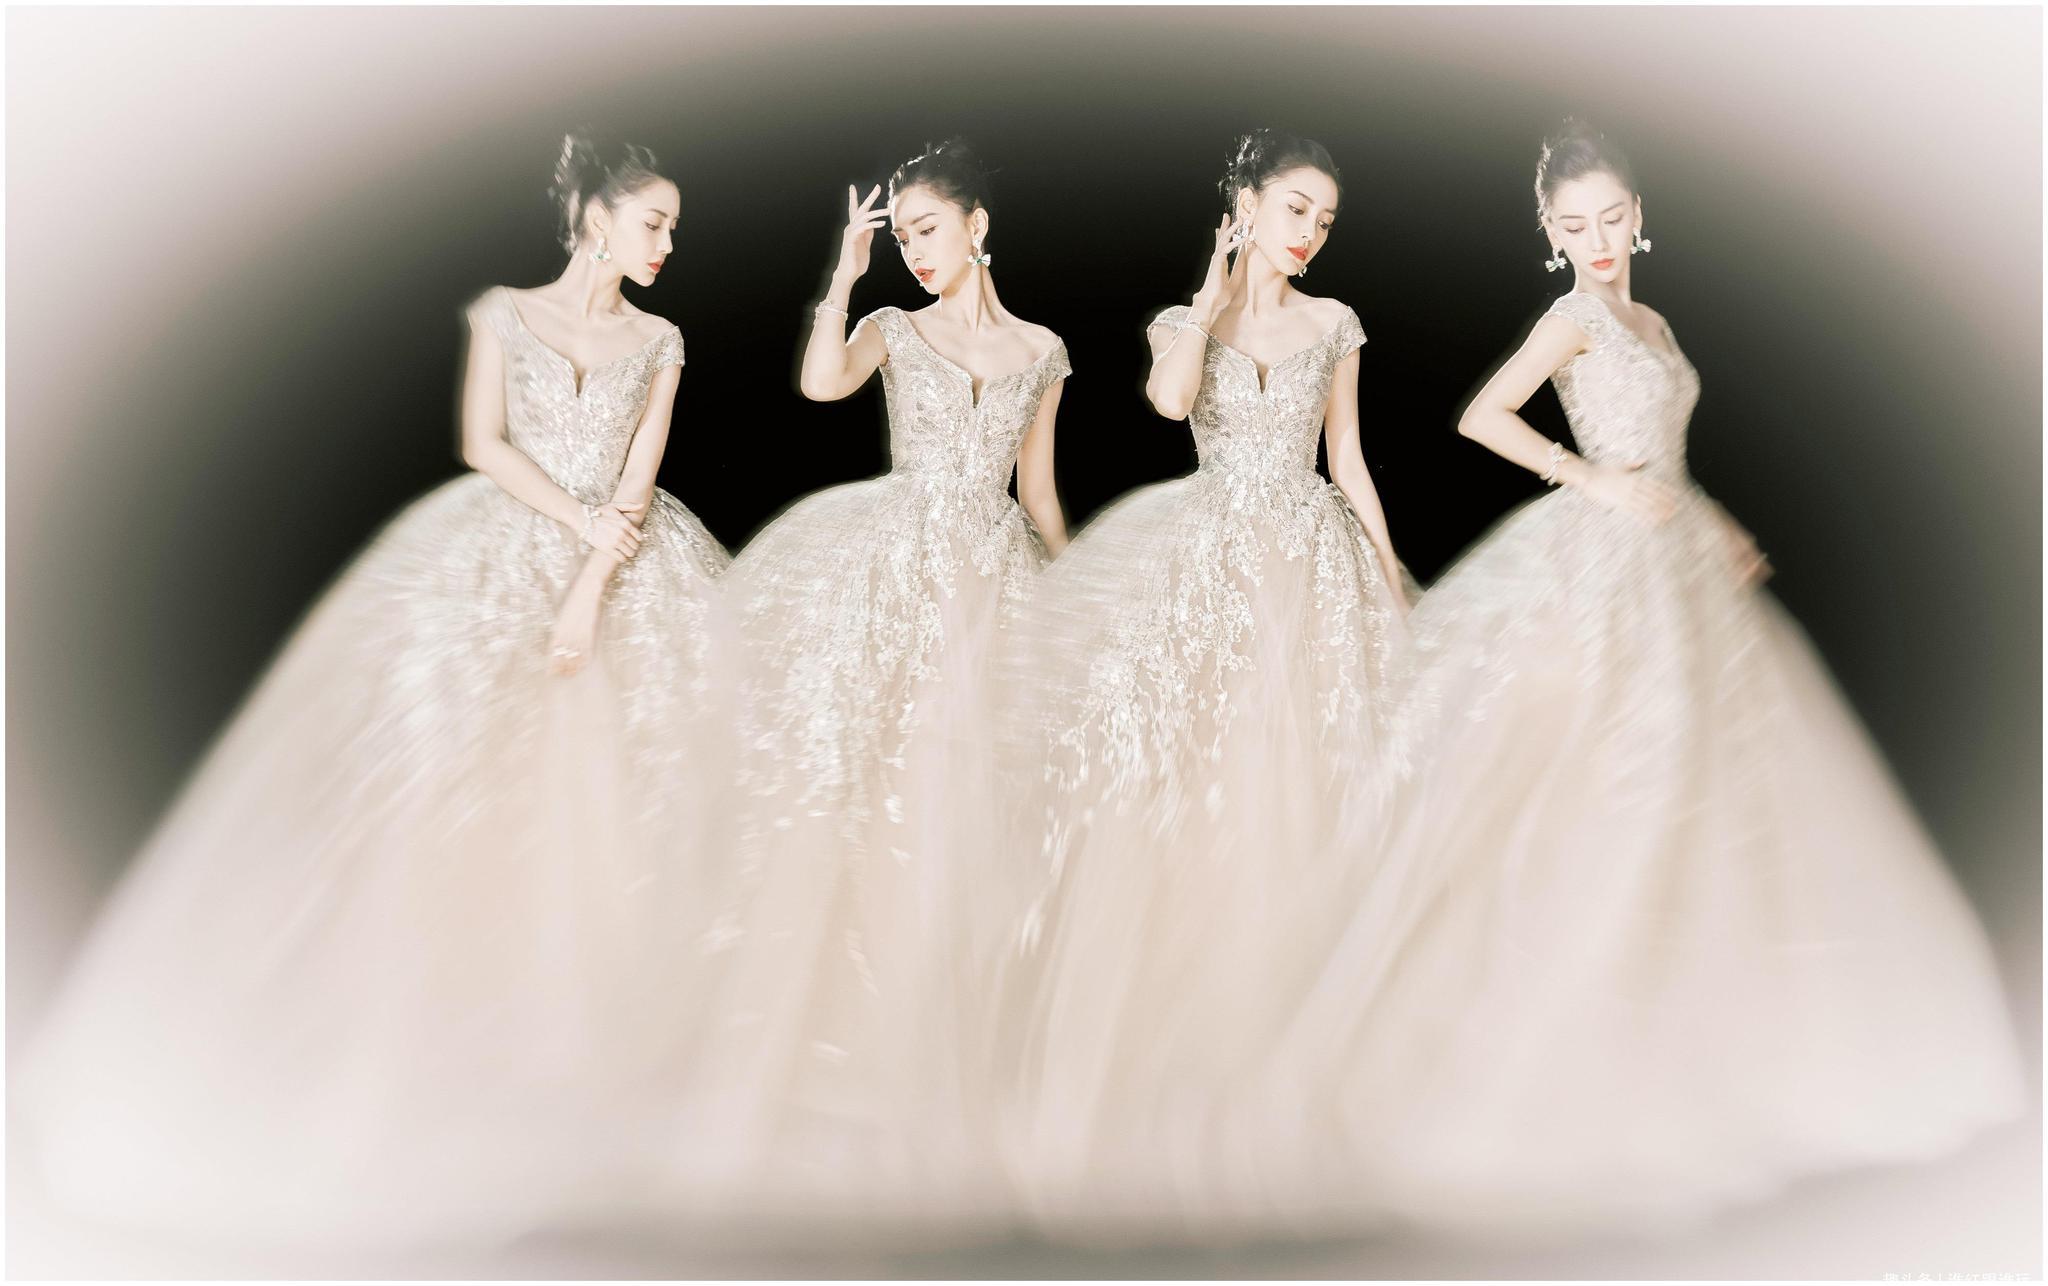 杂志主编亲自透露,杨颖推掉工作走红毯!明星和演员确实有区别!